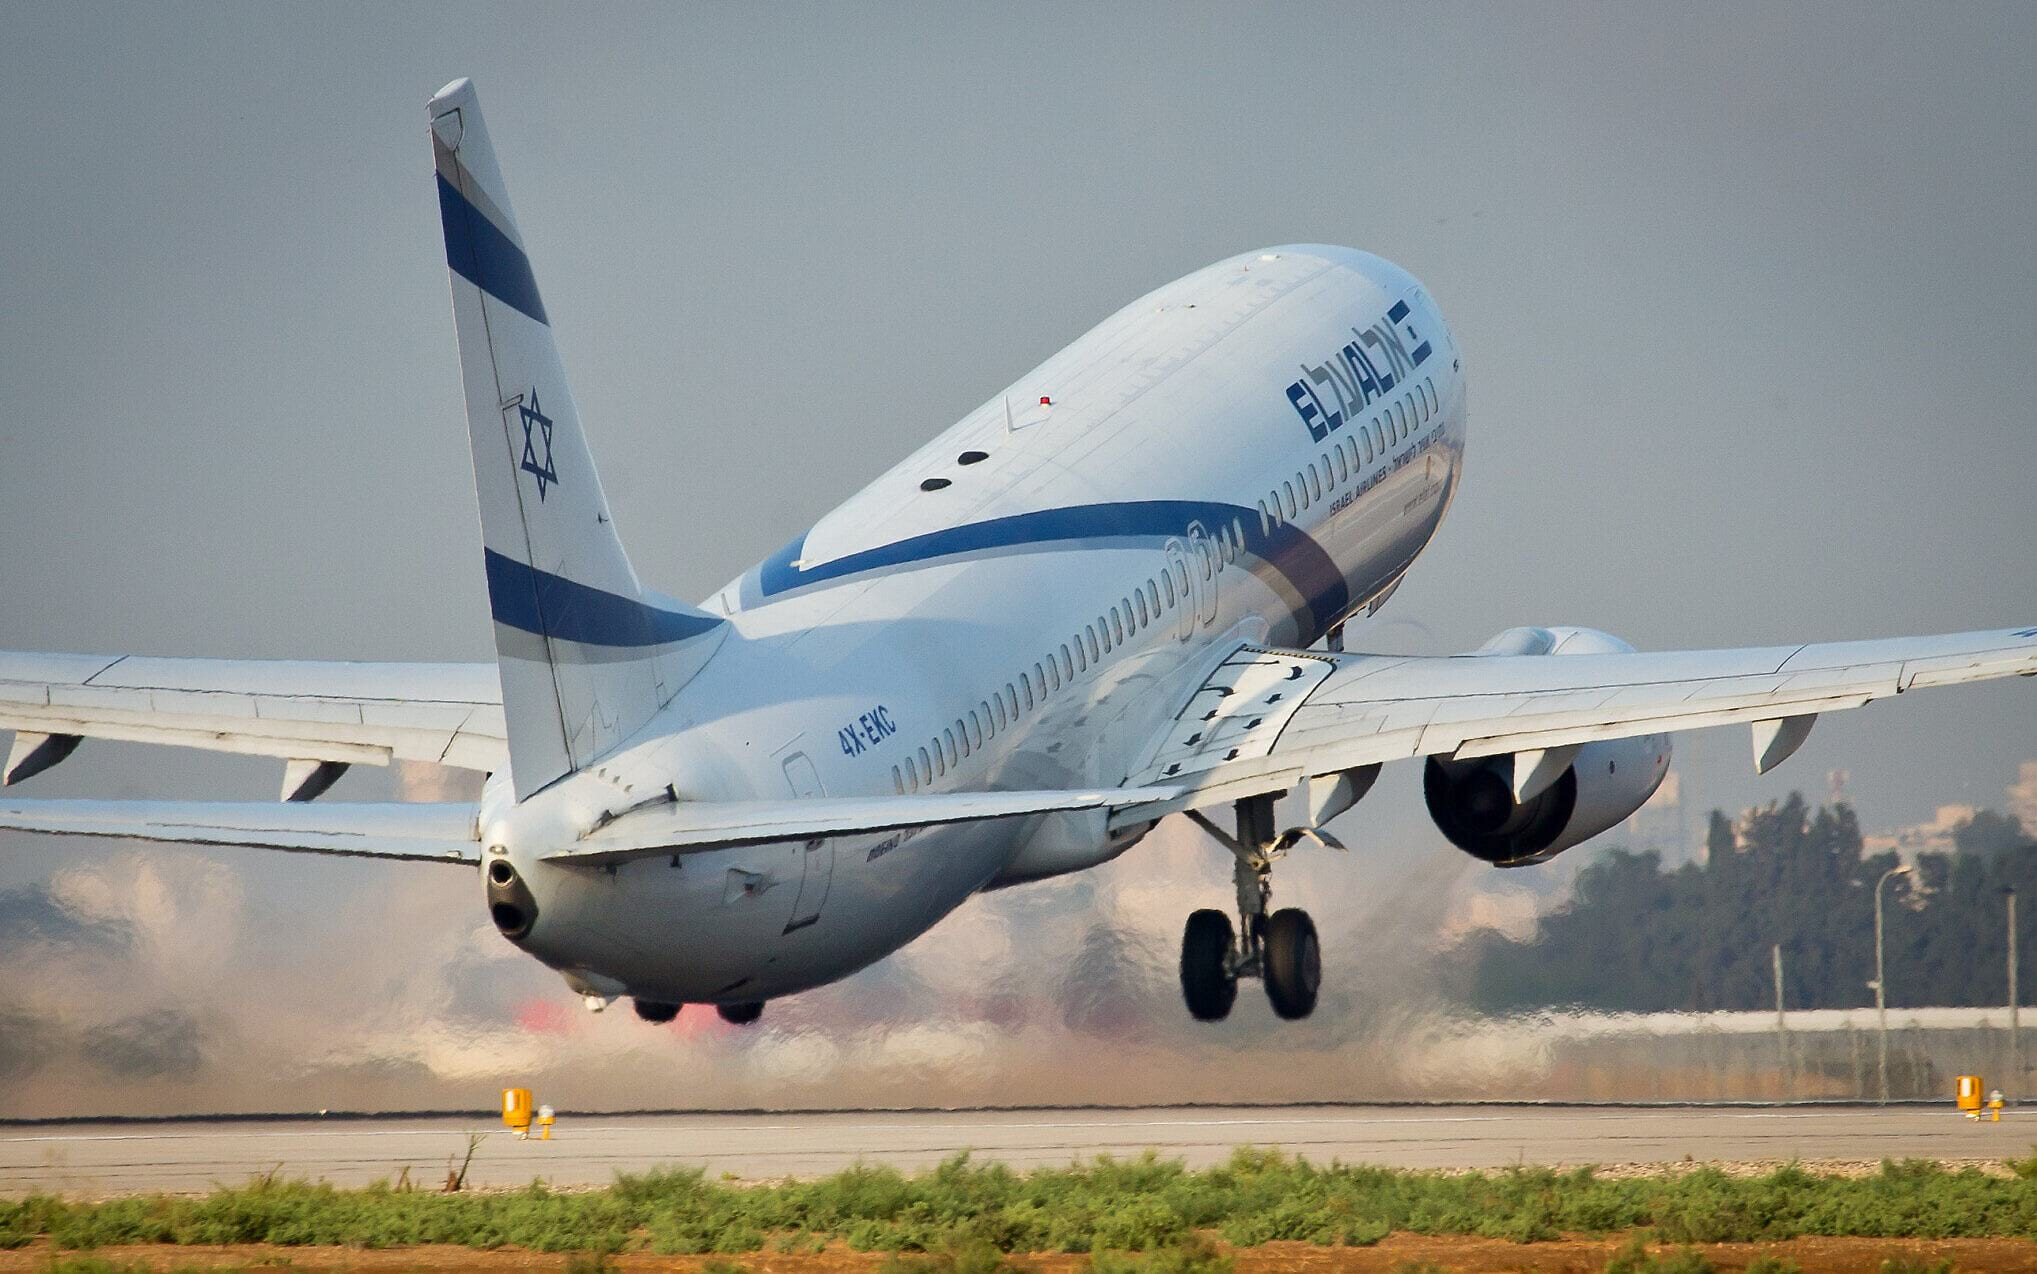 самолет эль аль израиль фото